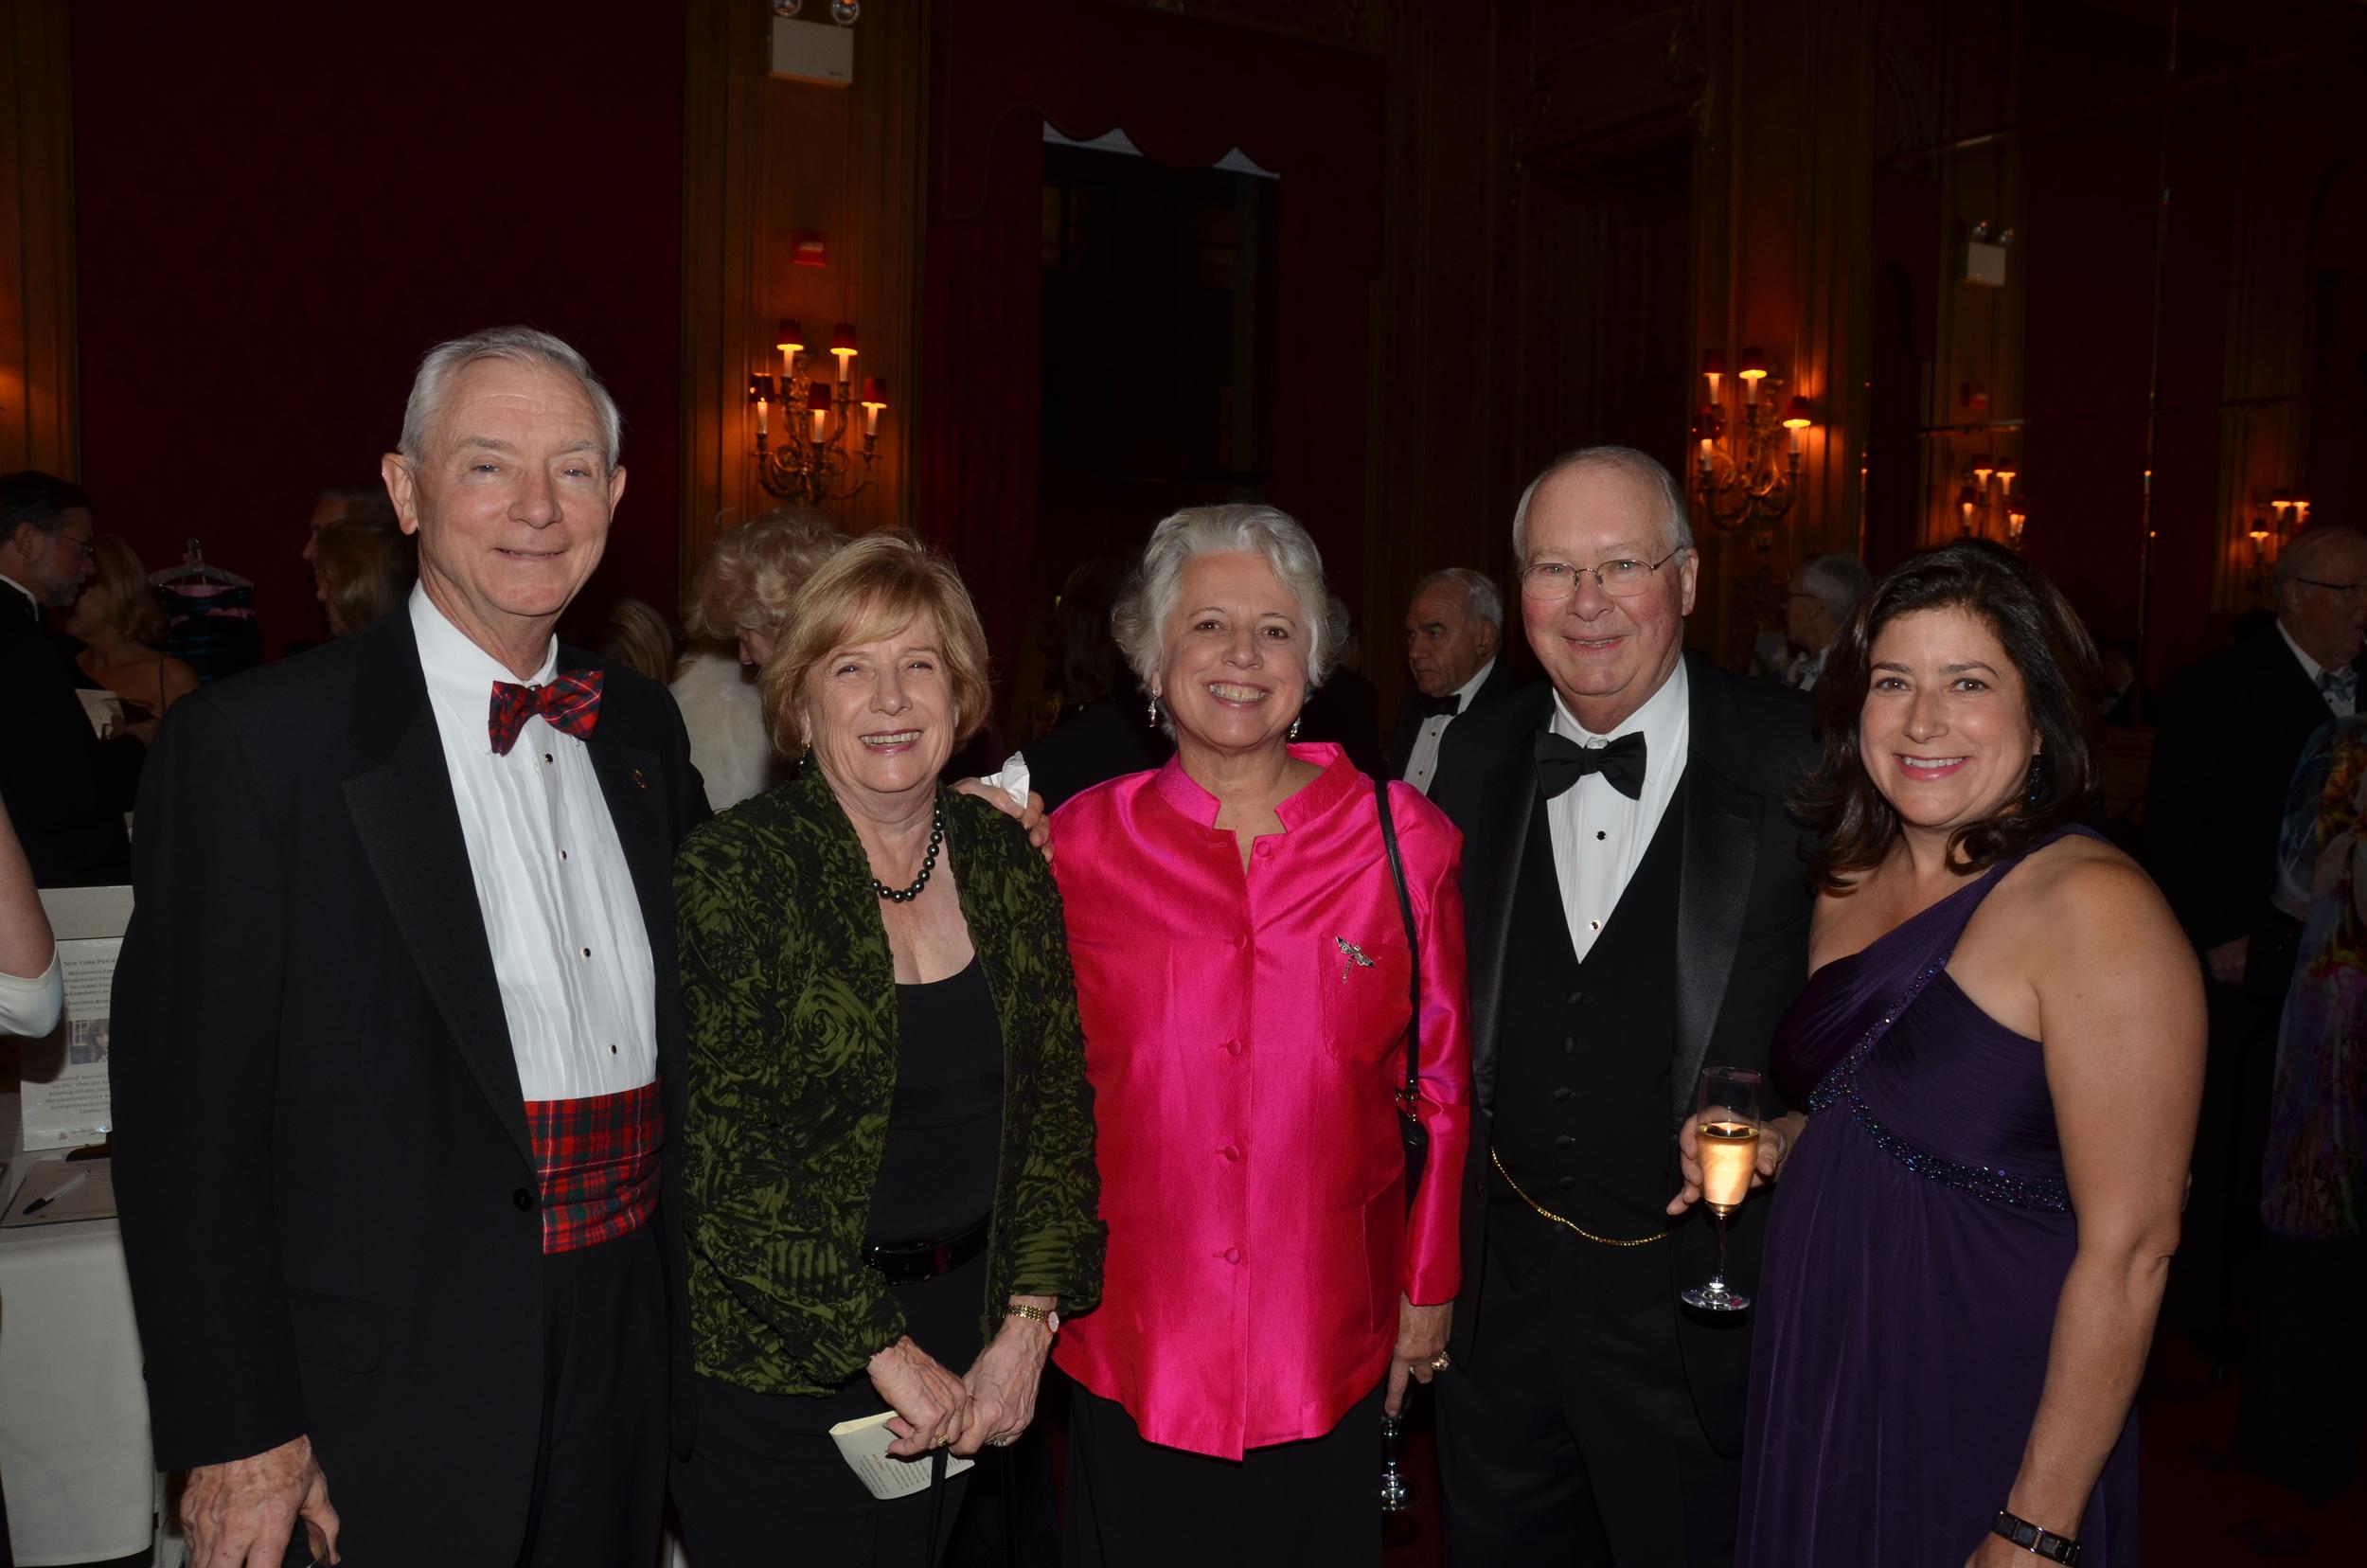 DSC_4125-Floyd Mckinnon, Barbara Mckinnon, Nancy Barton, James Barton, Dorie Klissas.JPG